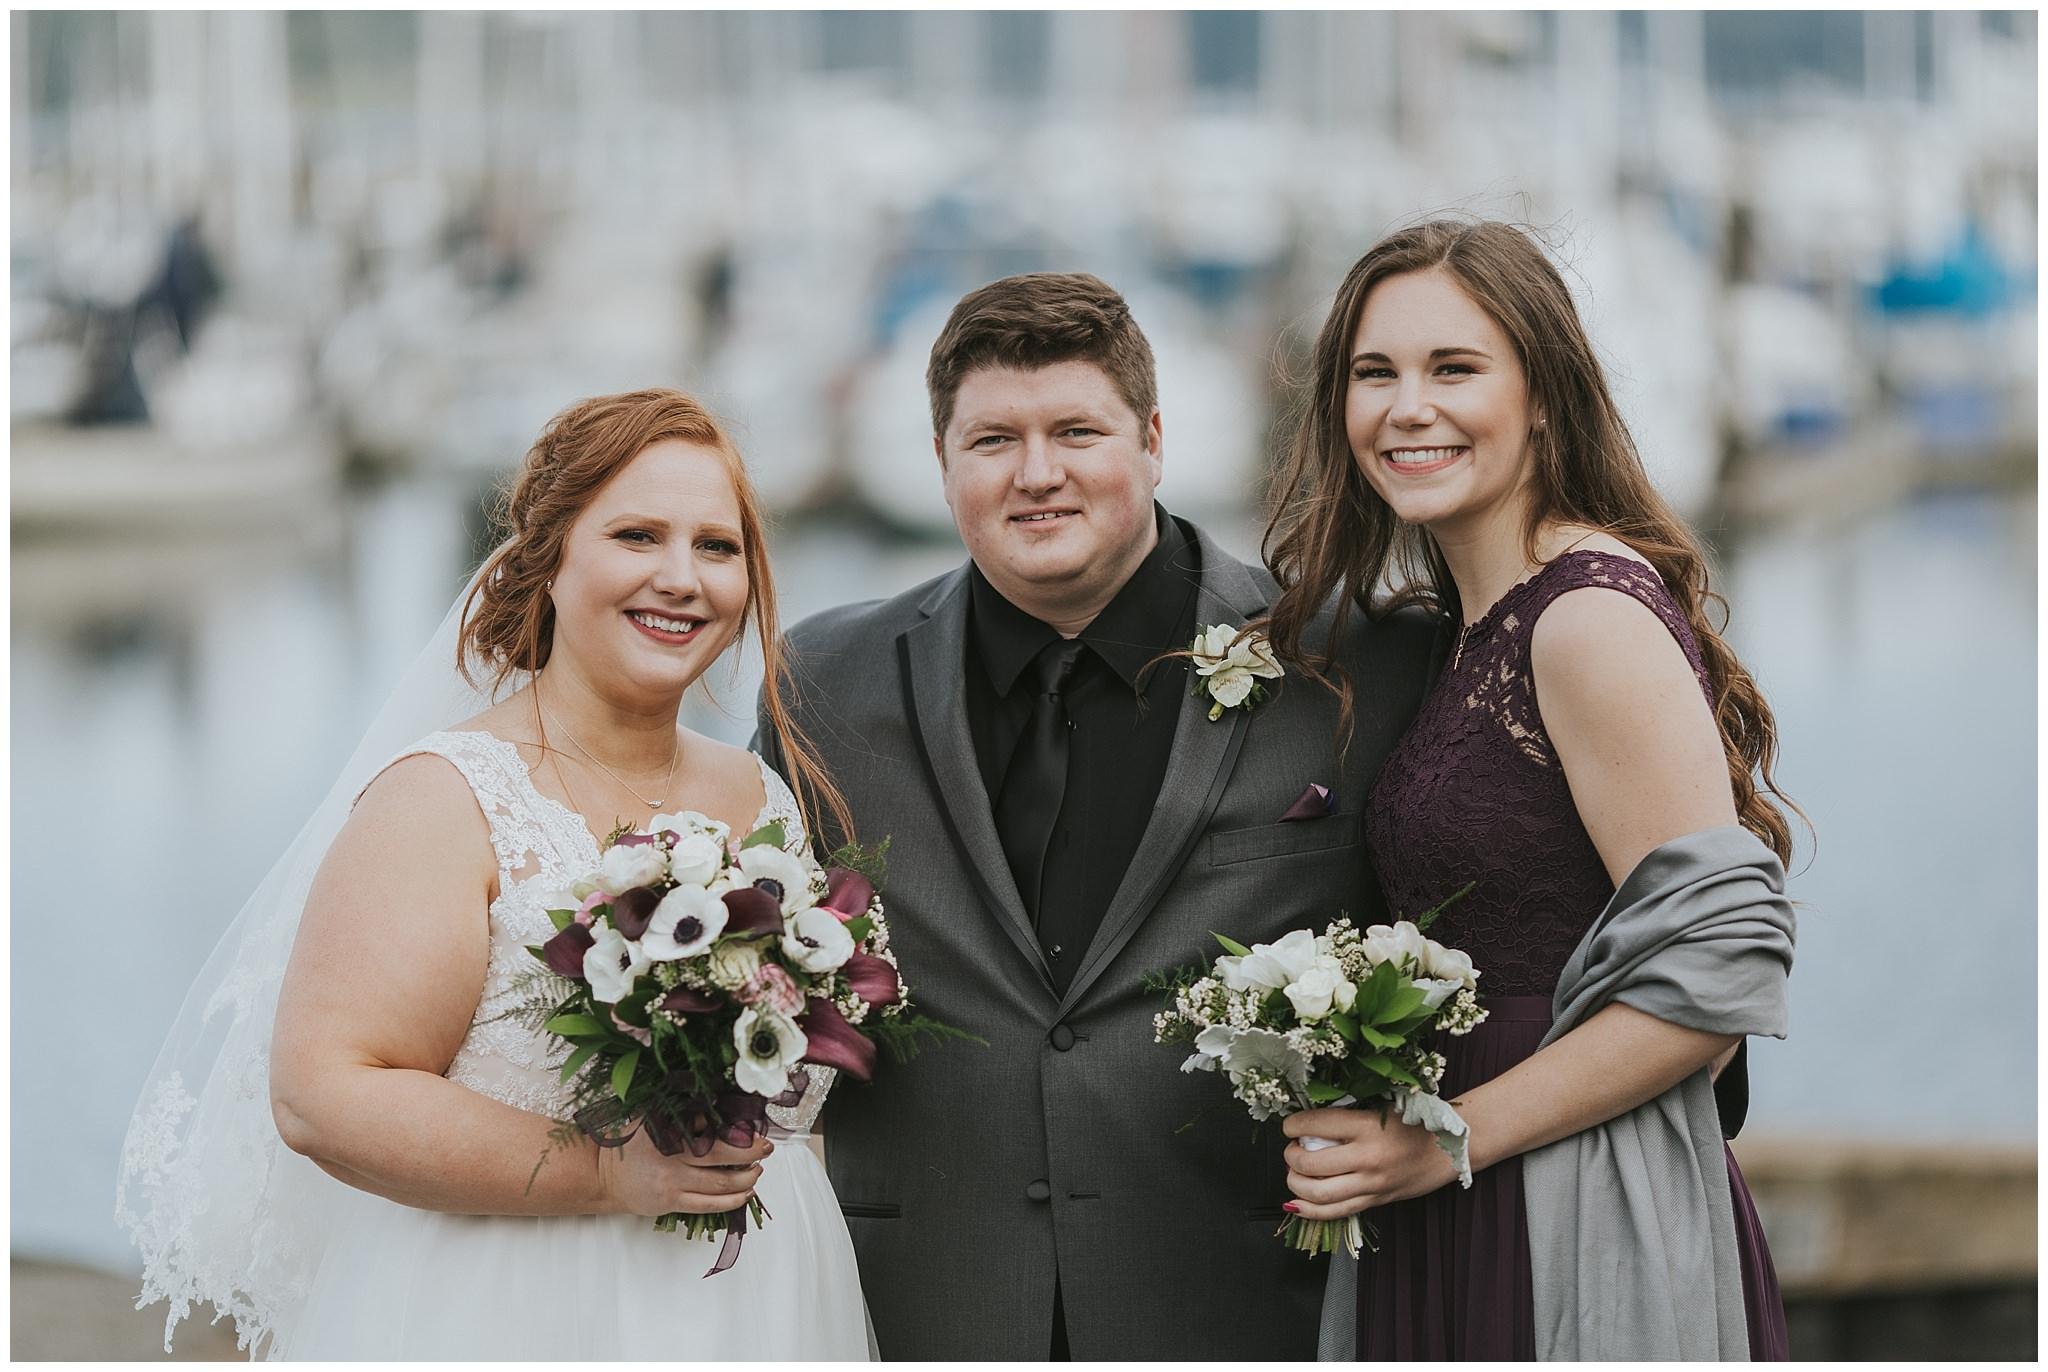 seattleweddingphotography43.jpg